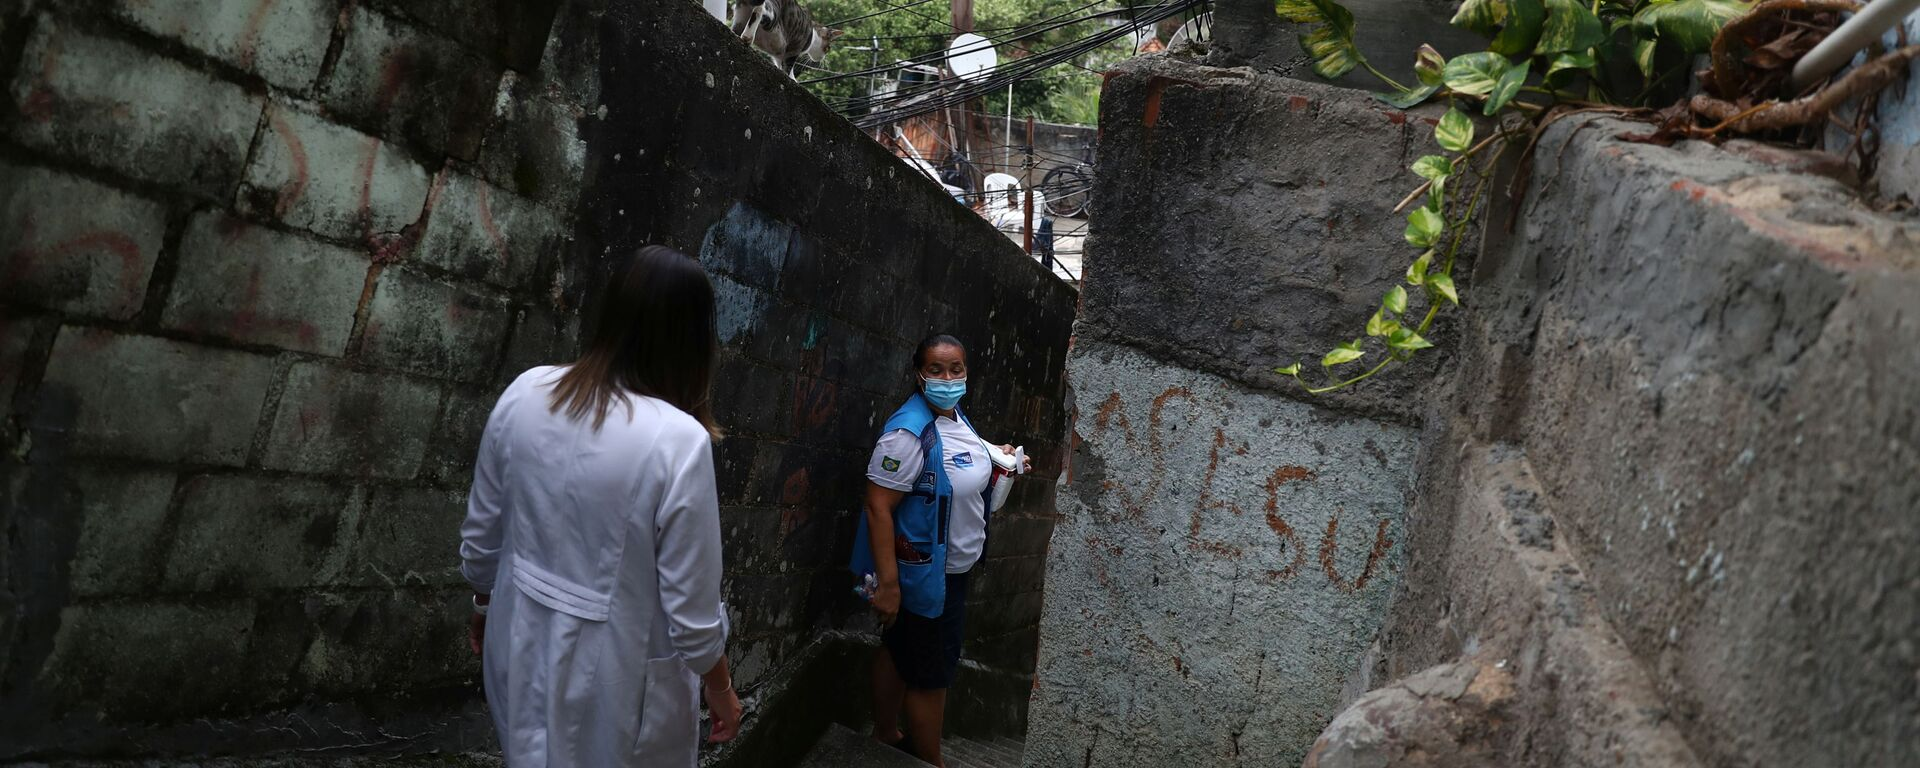 Медицинские работники делают прививки от коронавируса в трущобах Рио-де-Жанейро, Бразилия - Sputnik Тоҷикистон, 1920, 10.03.2021